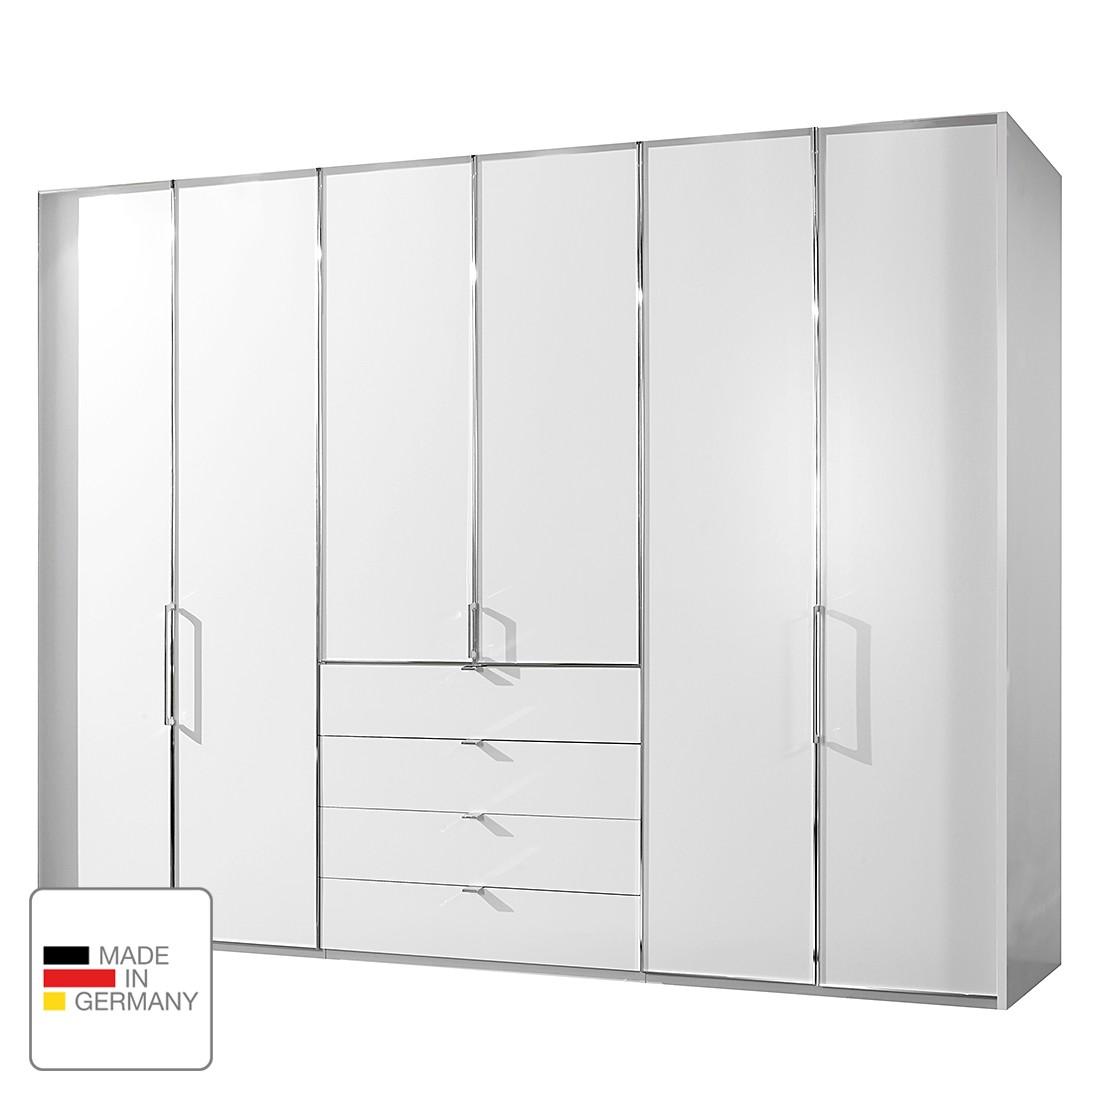 Drehtürenschrank Monza - Alpinweiß - Ohne Beleuchtung - 200 cm (4-türig) - 216 cm - Ohne Passepartoutrahmen, Althoff